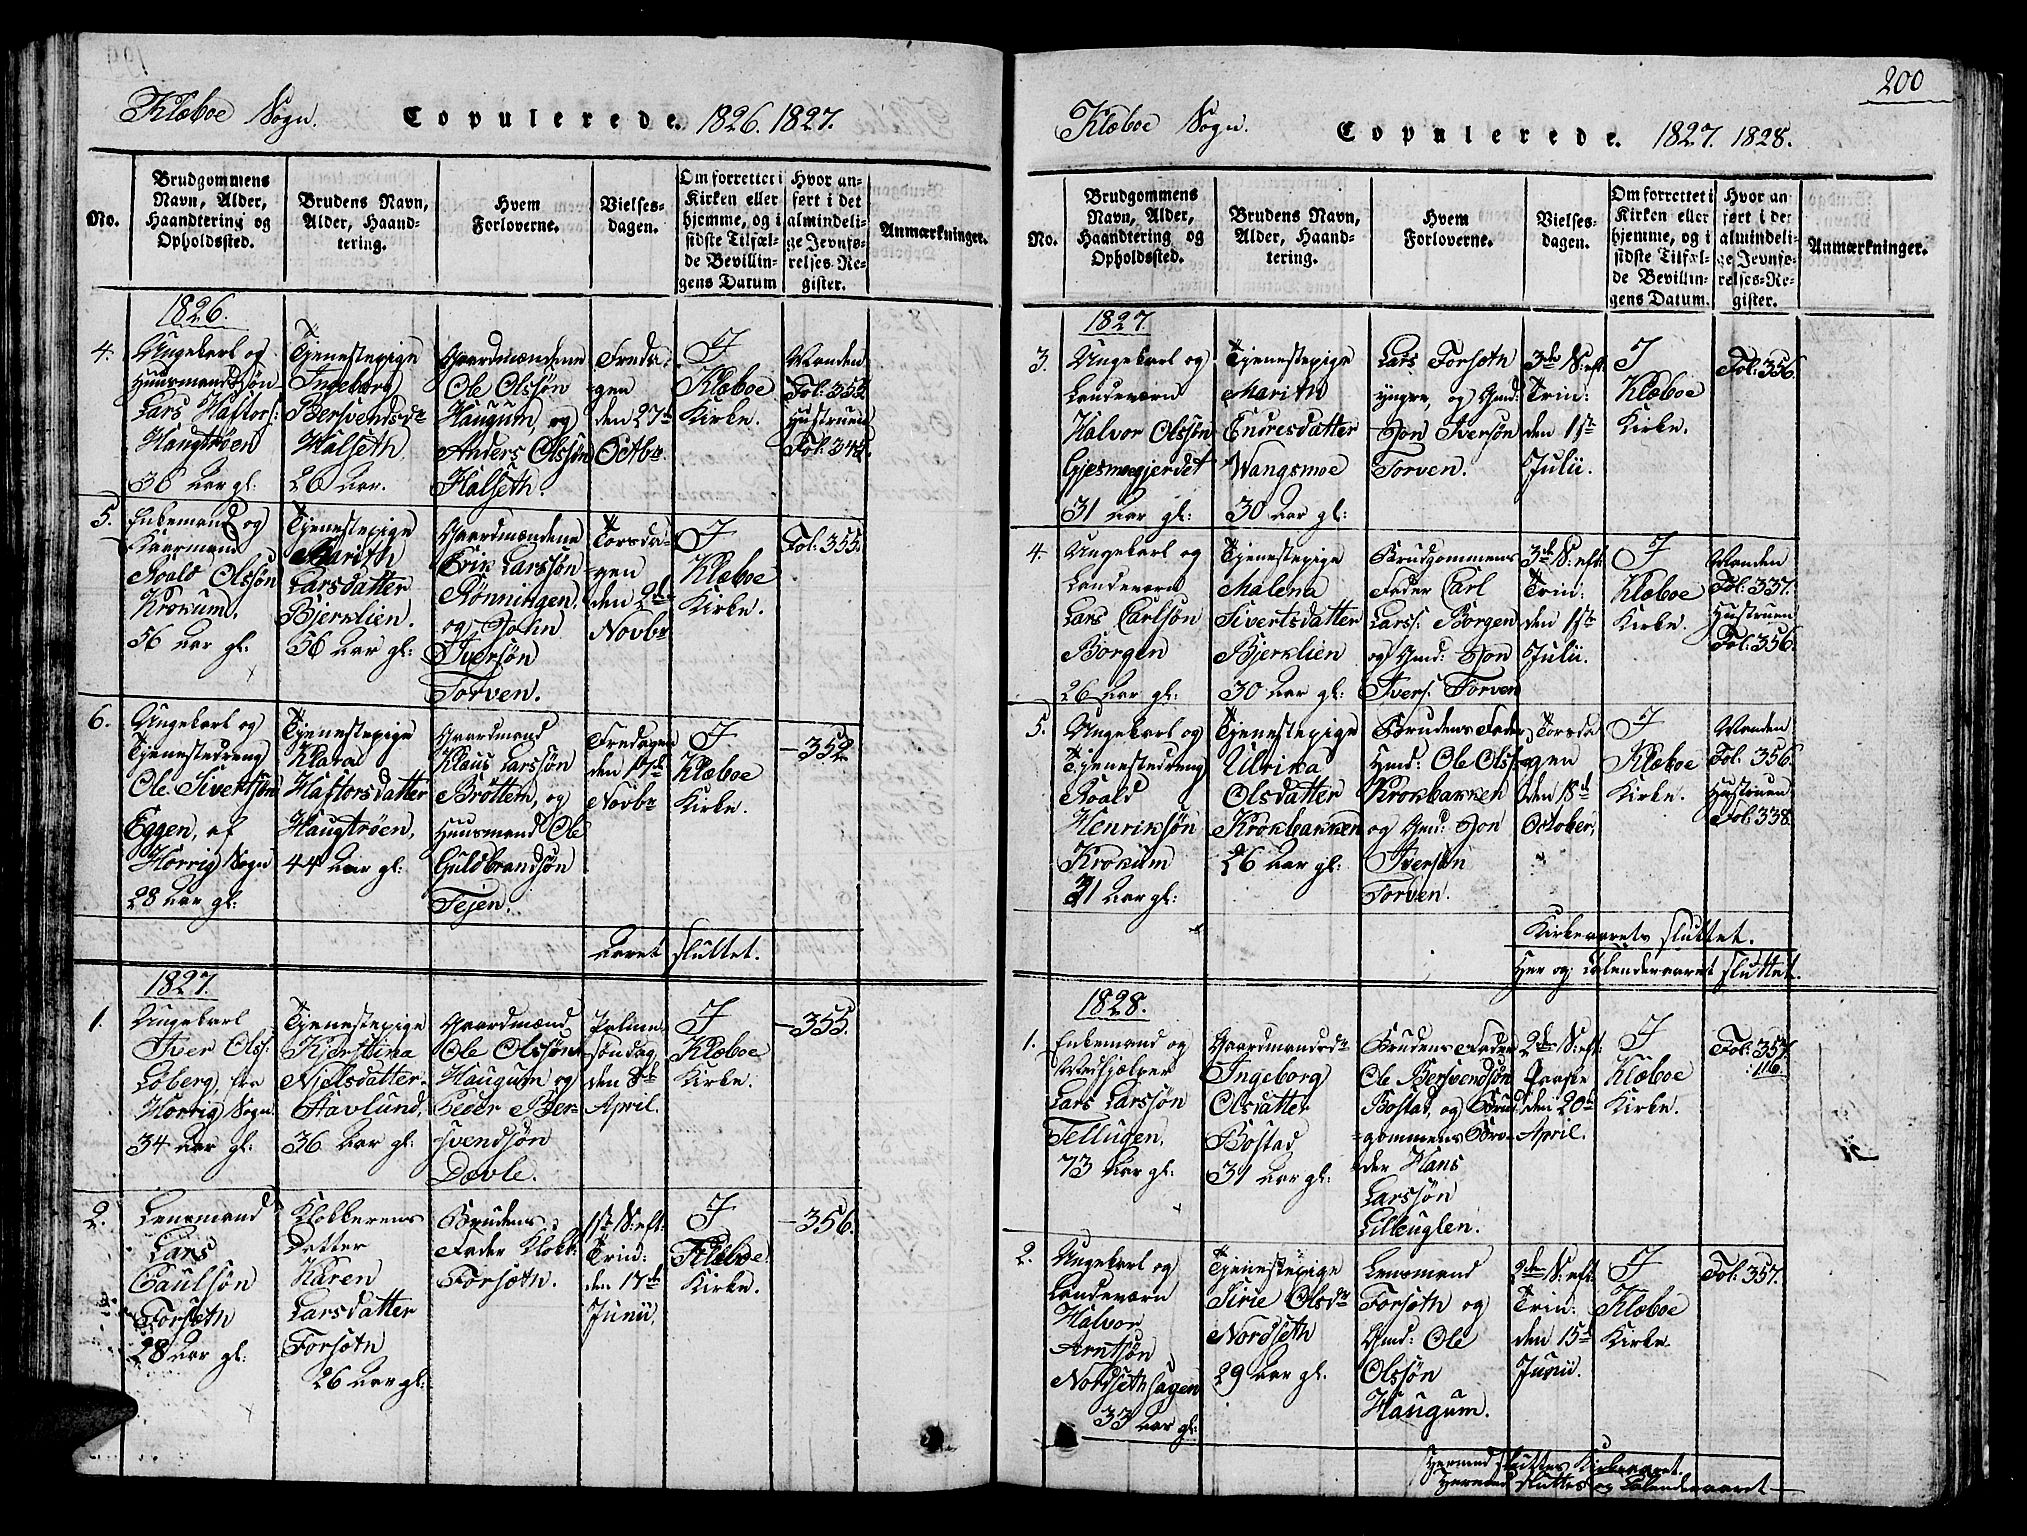 SAT, Ministerialprotokoller, klokkerbøker og fødselsregistre - Sør-Trøndelag, 618/L0450: Klokkerbok nr. 618C01, 1816-1865, s. 200